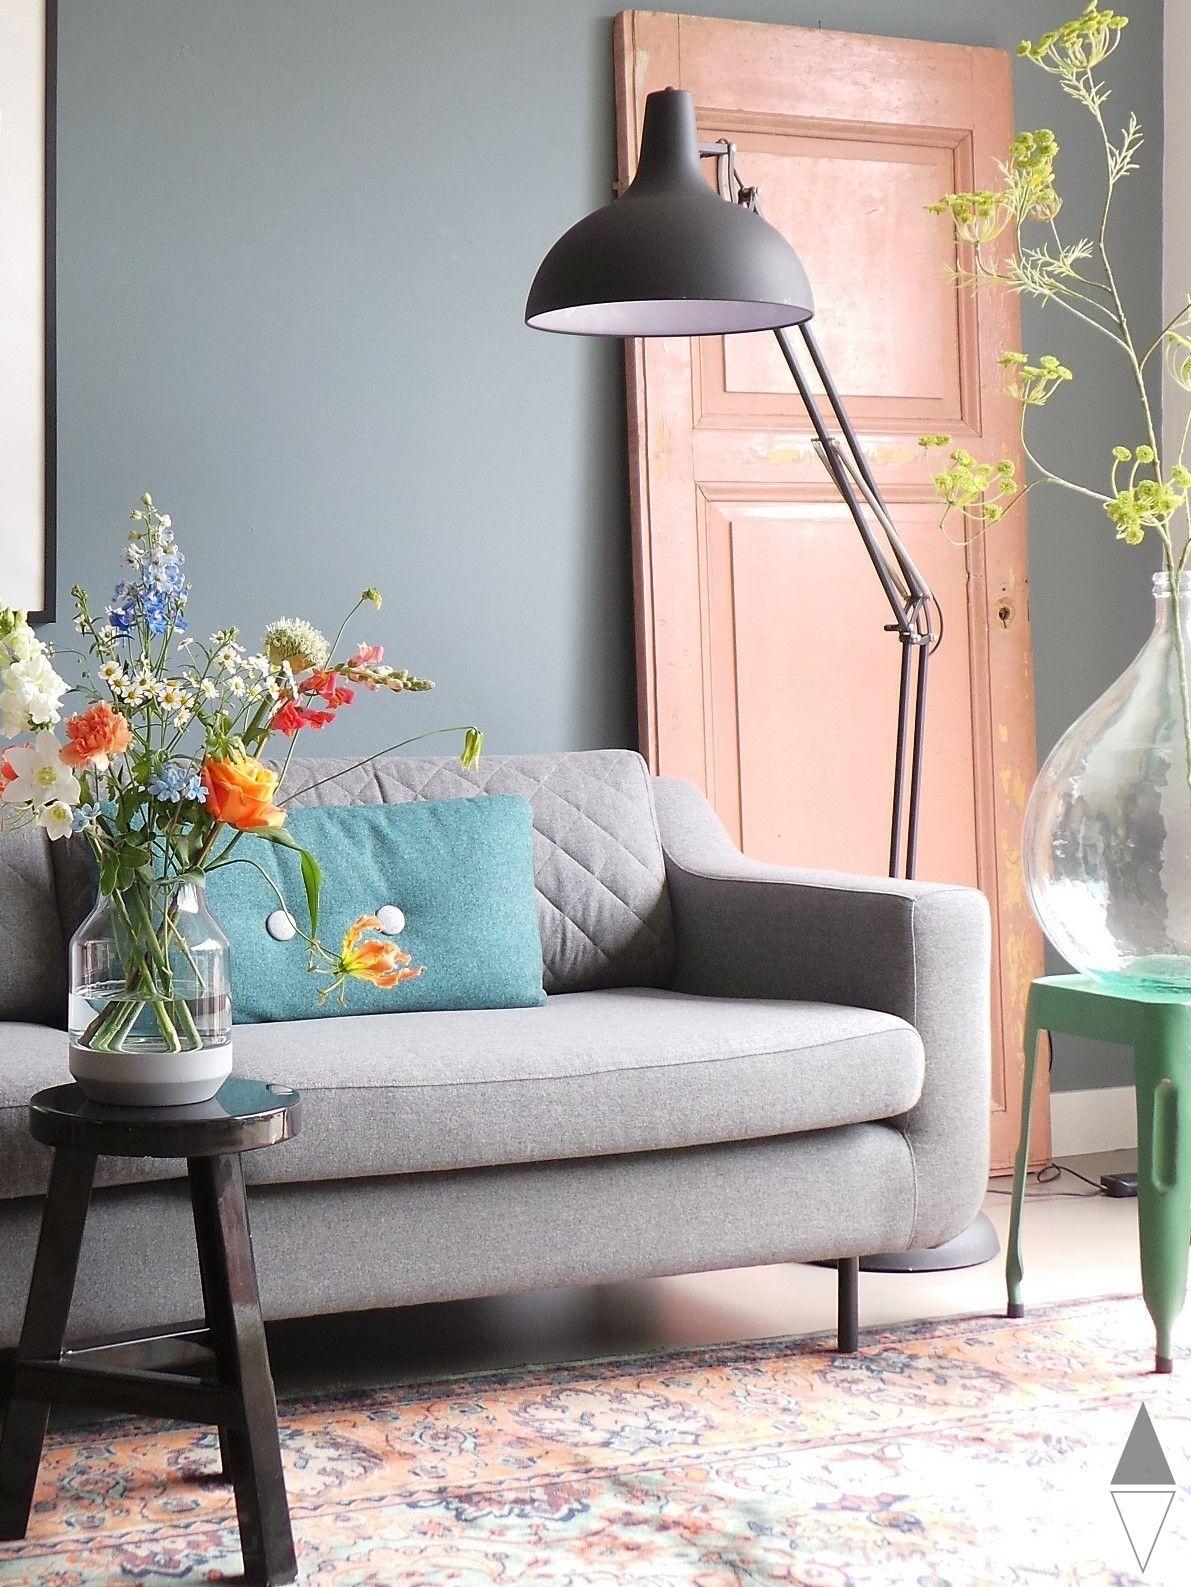 bank sofa company lisanne van de klift 4 - Banksofa